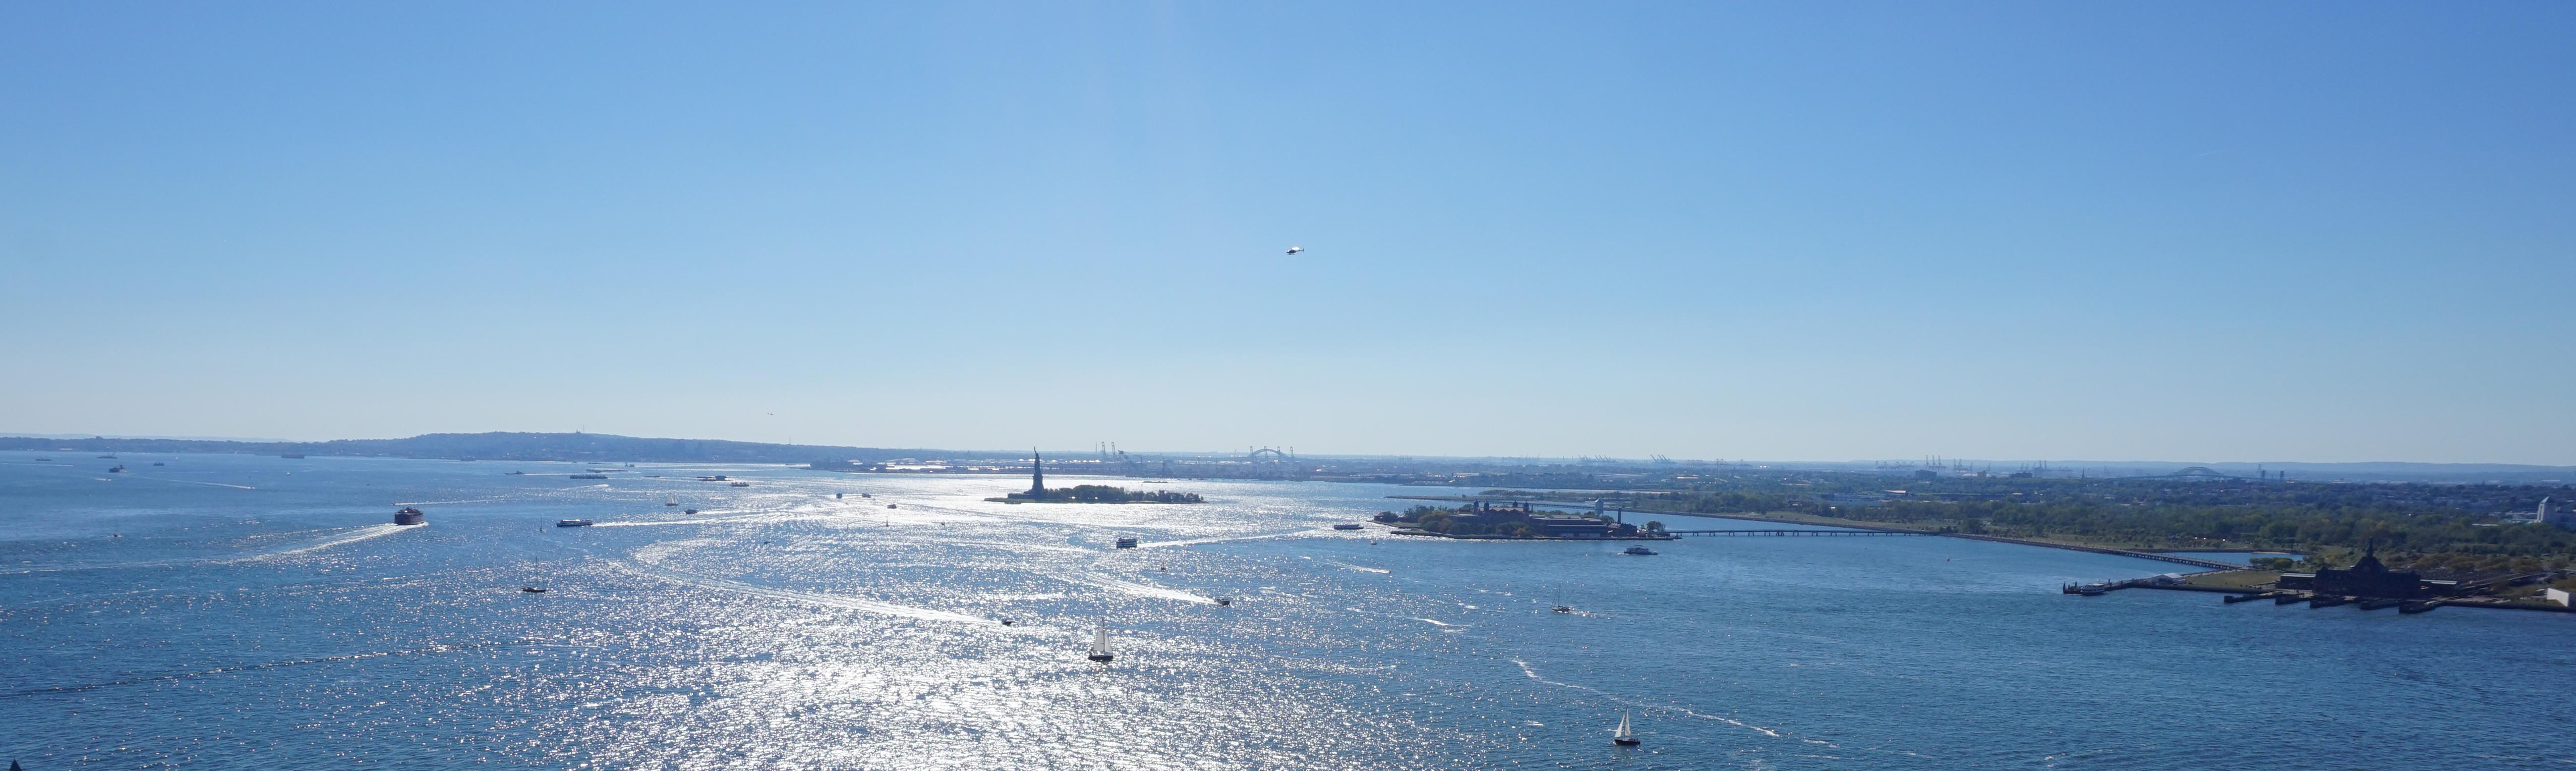 NY Harbor 9-27